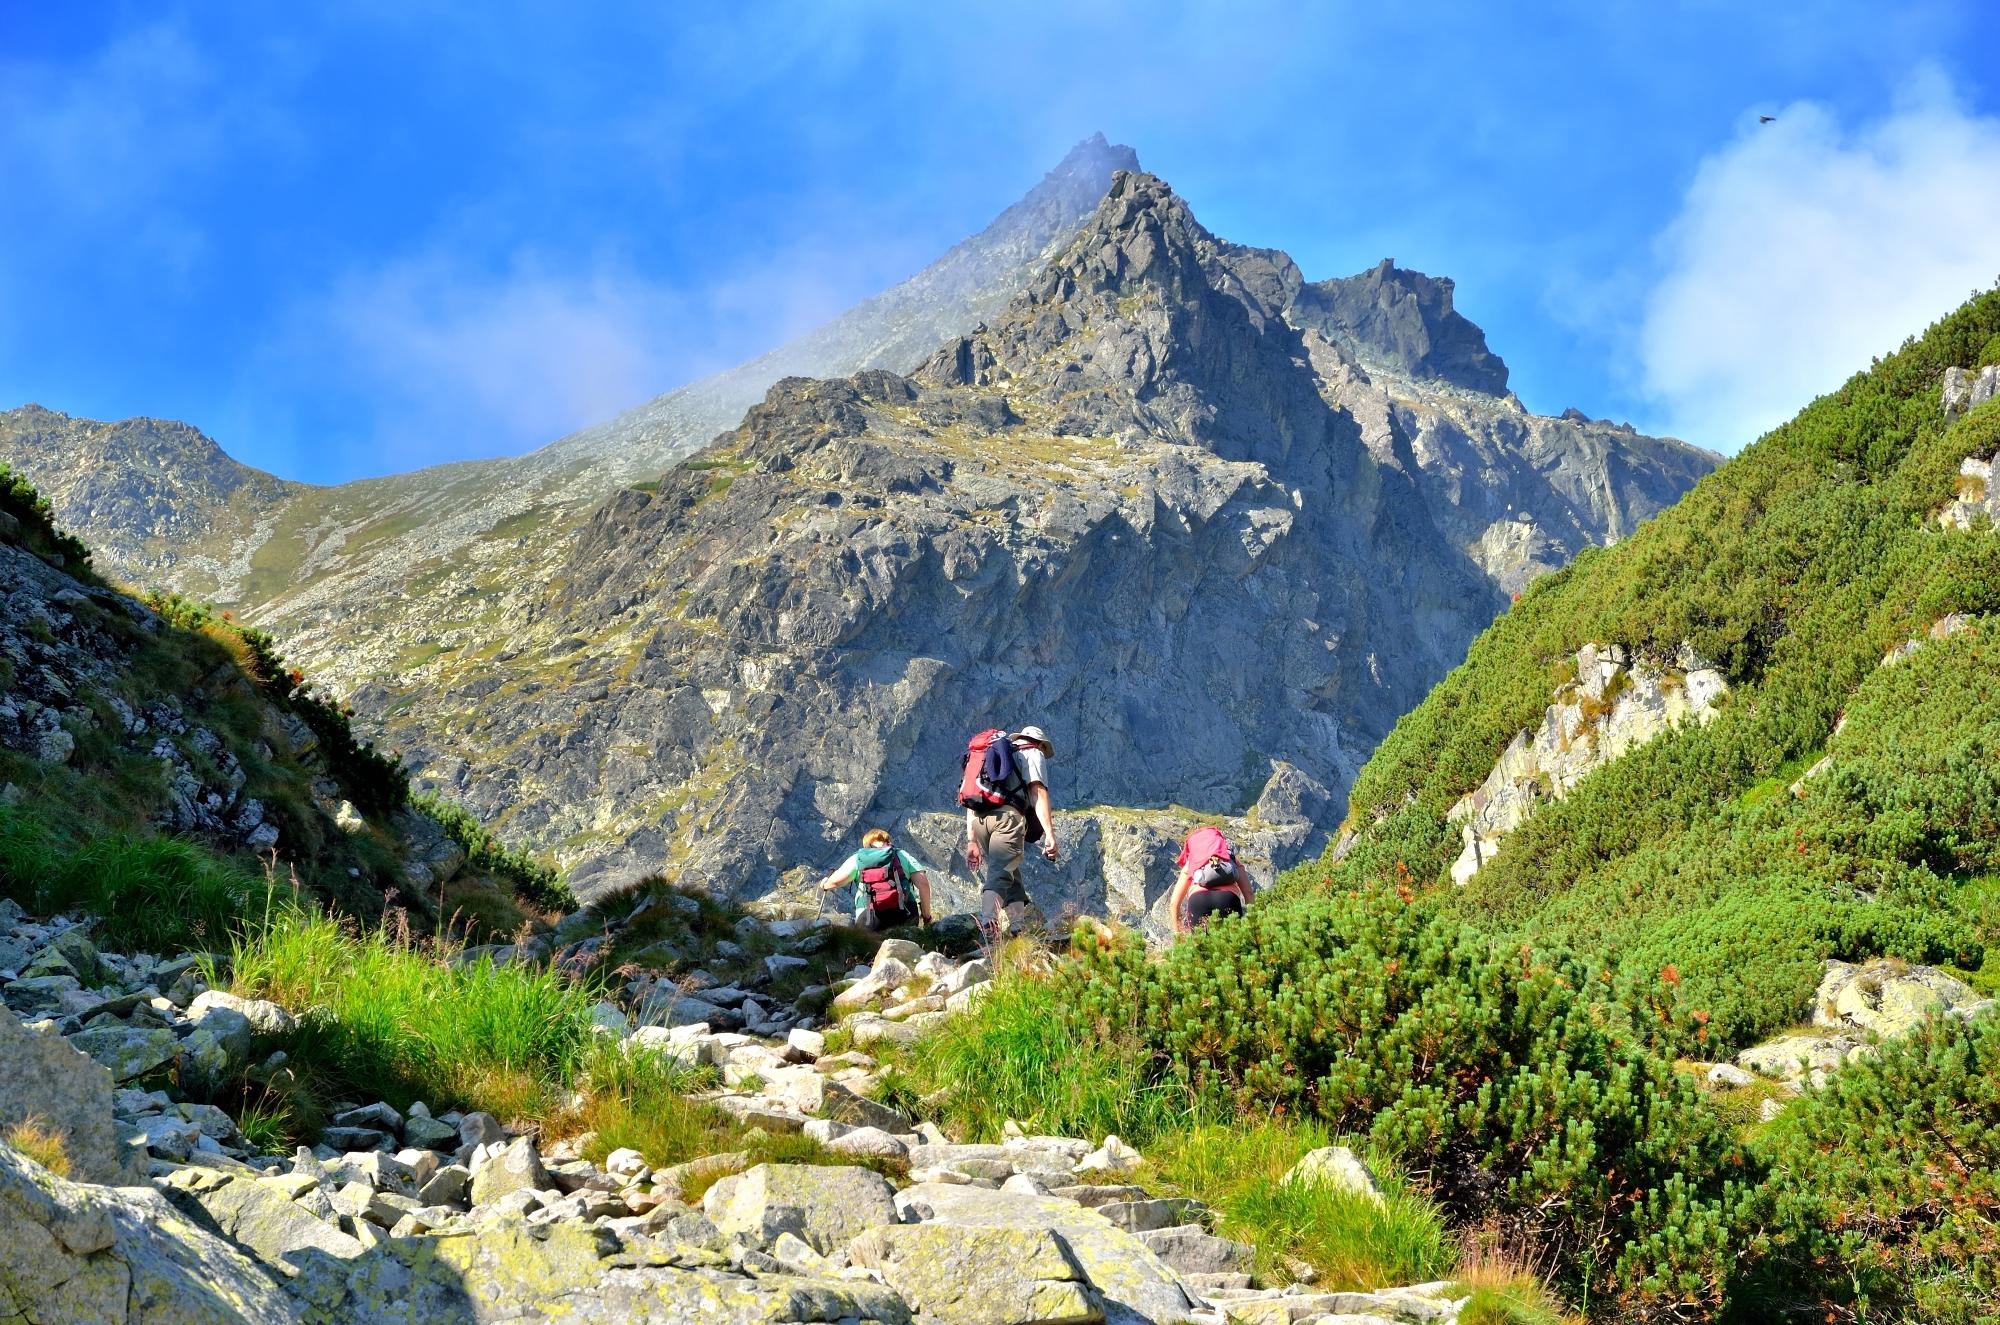 Krásné modré nebe nemusí vydržet dlouho. Ve vysokých horách se počasí mění každou minutu.